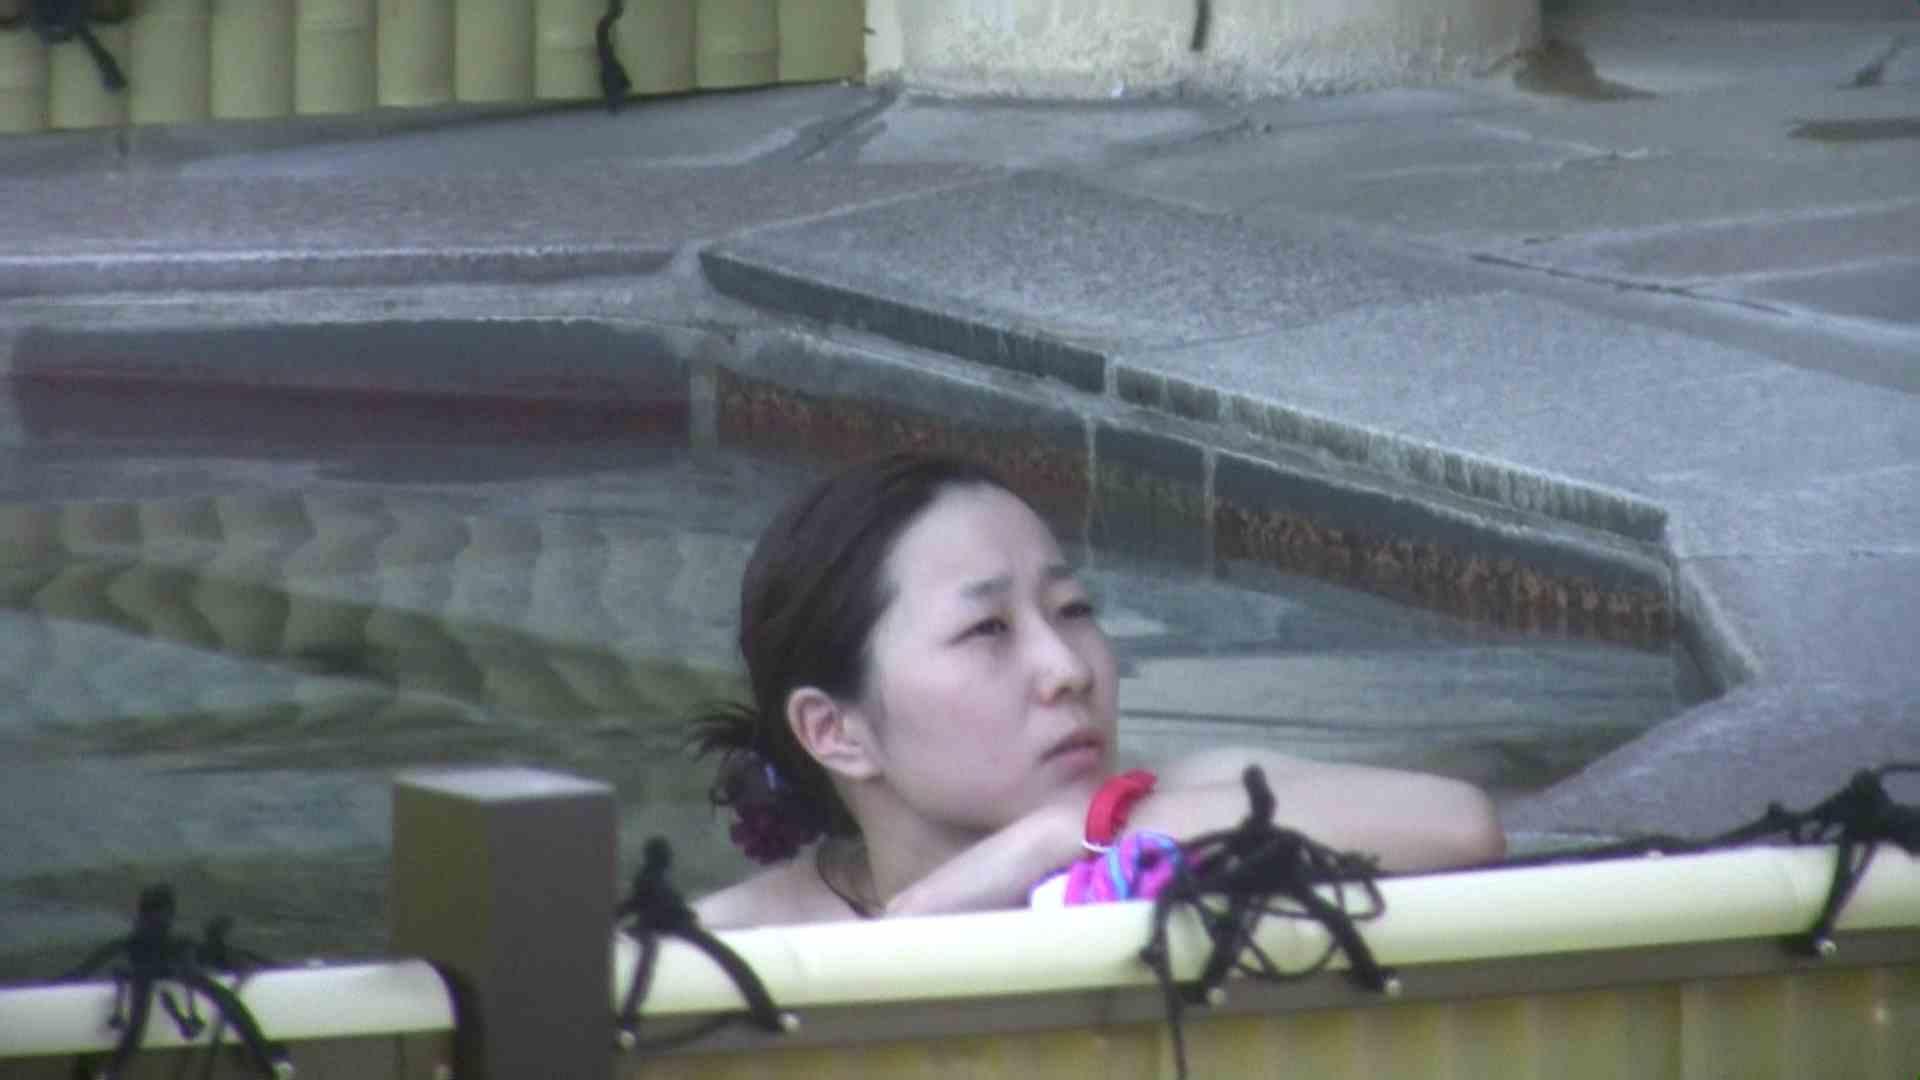 Aquaな露天風呂Vol.88【VIP限定】 OLのエロ生活  61連発 3